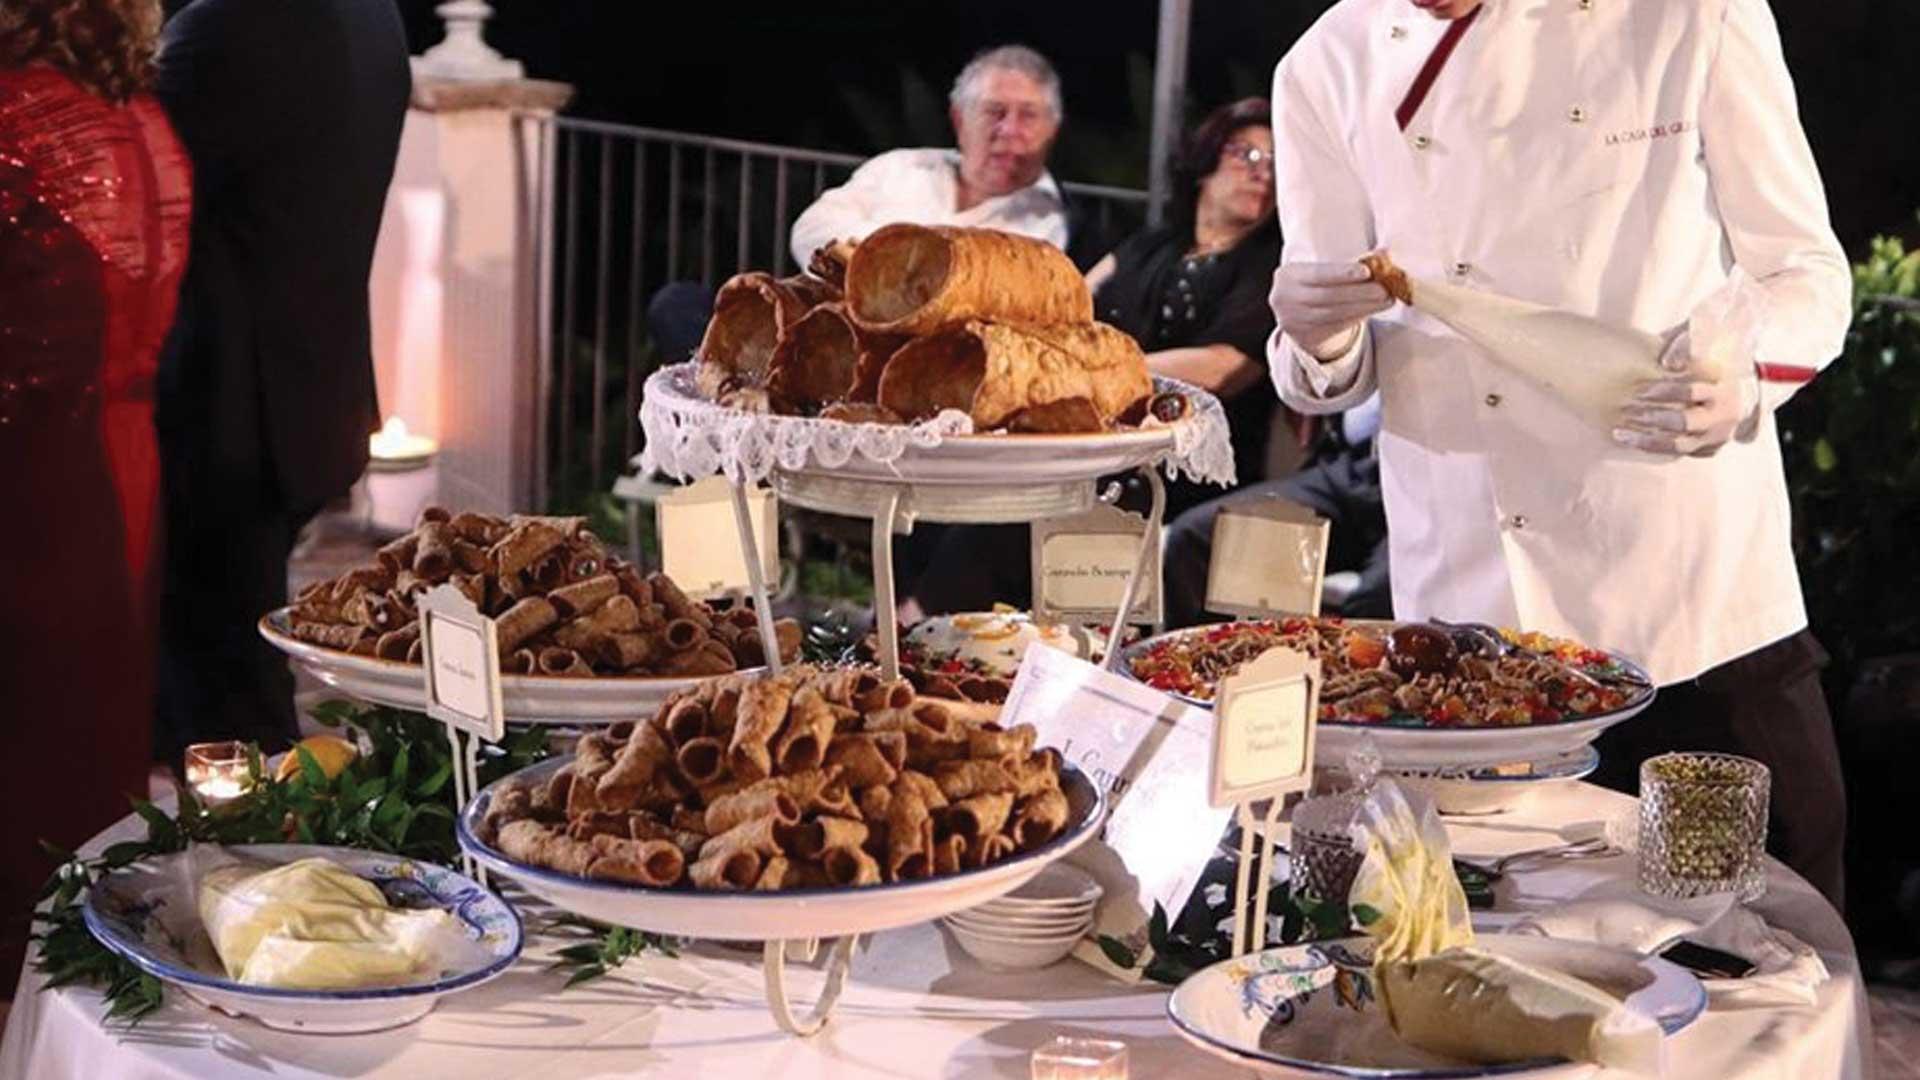 buffet di dolci - ricevimenti La casa del grecale Acireale